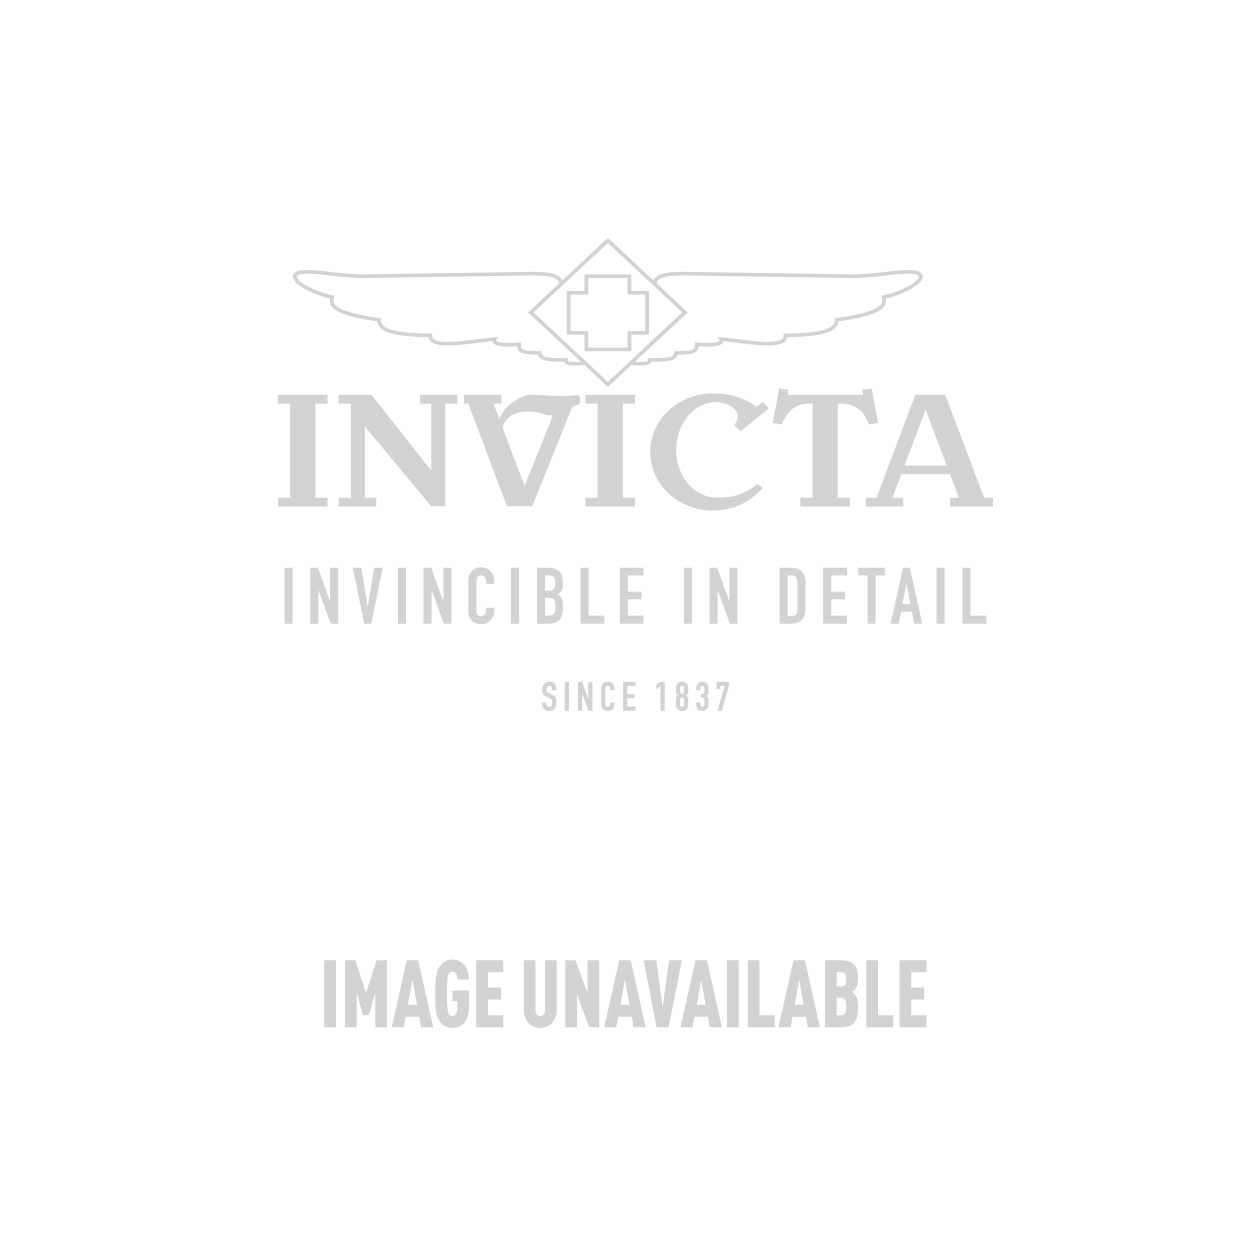 INVICTA Jewelry DORINN Necklaces 50 14.5 Silver 925 Rhodium+Red - Model J0131